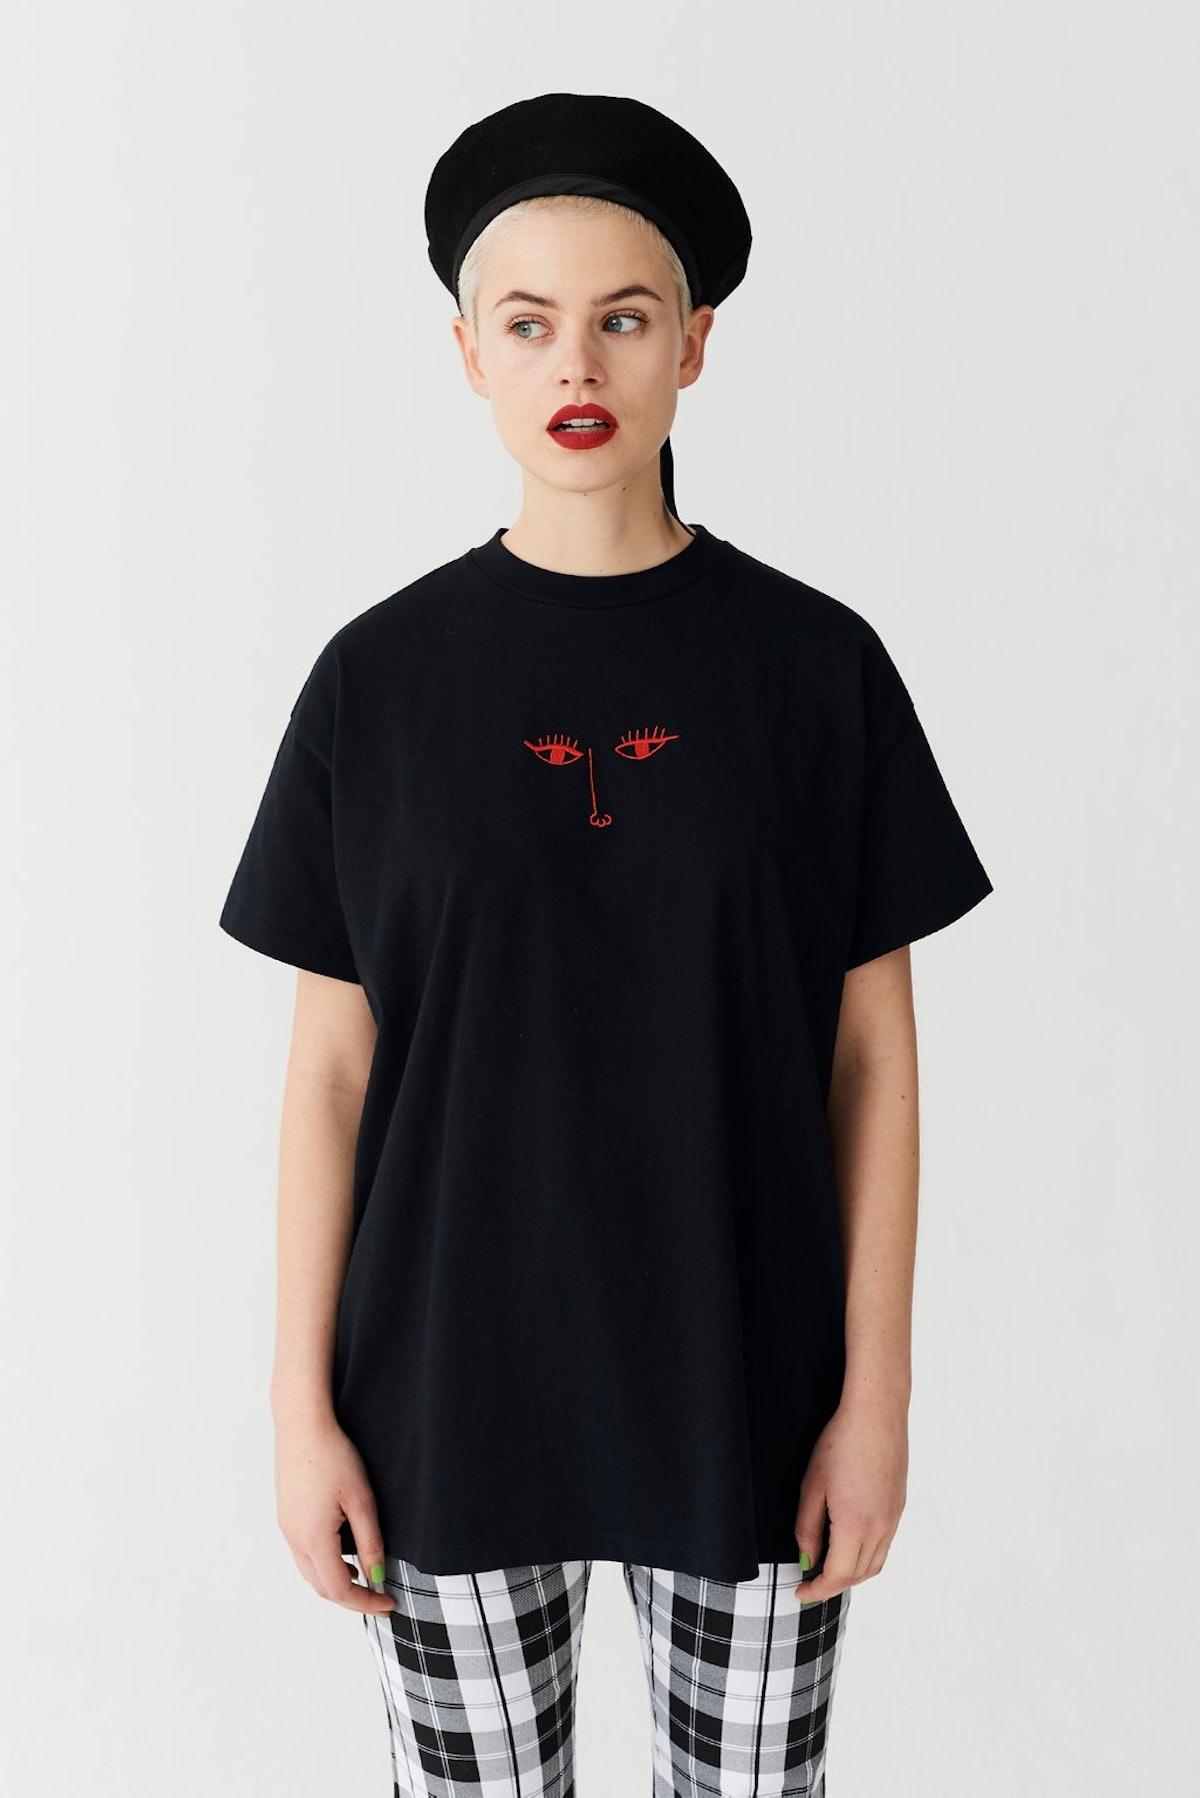 Lazy Oaf Eyes on You T-shirt